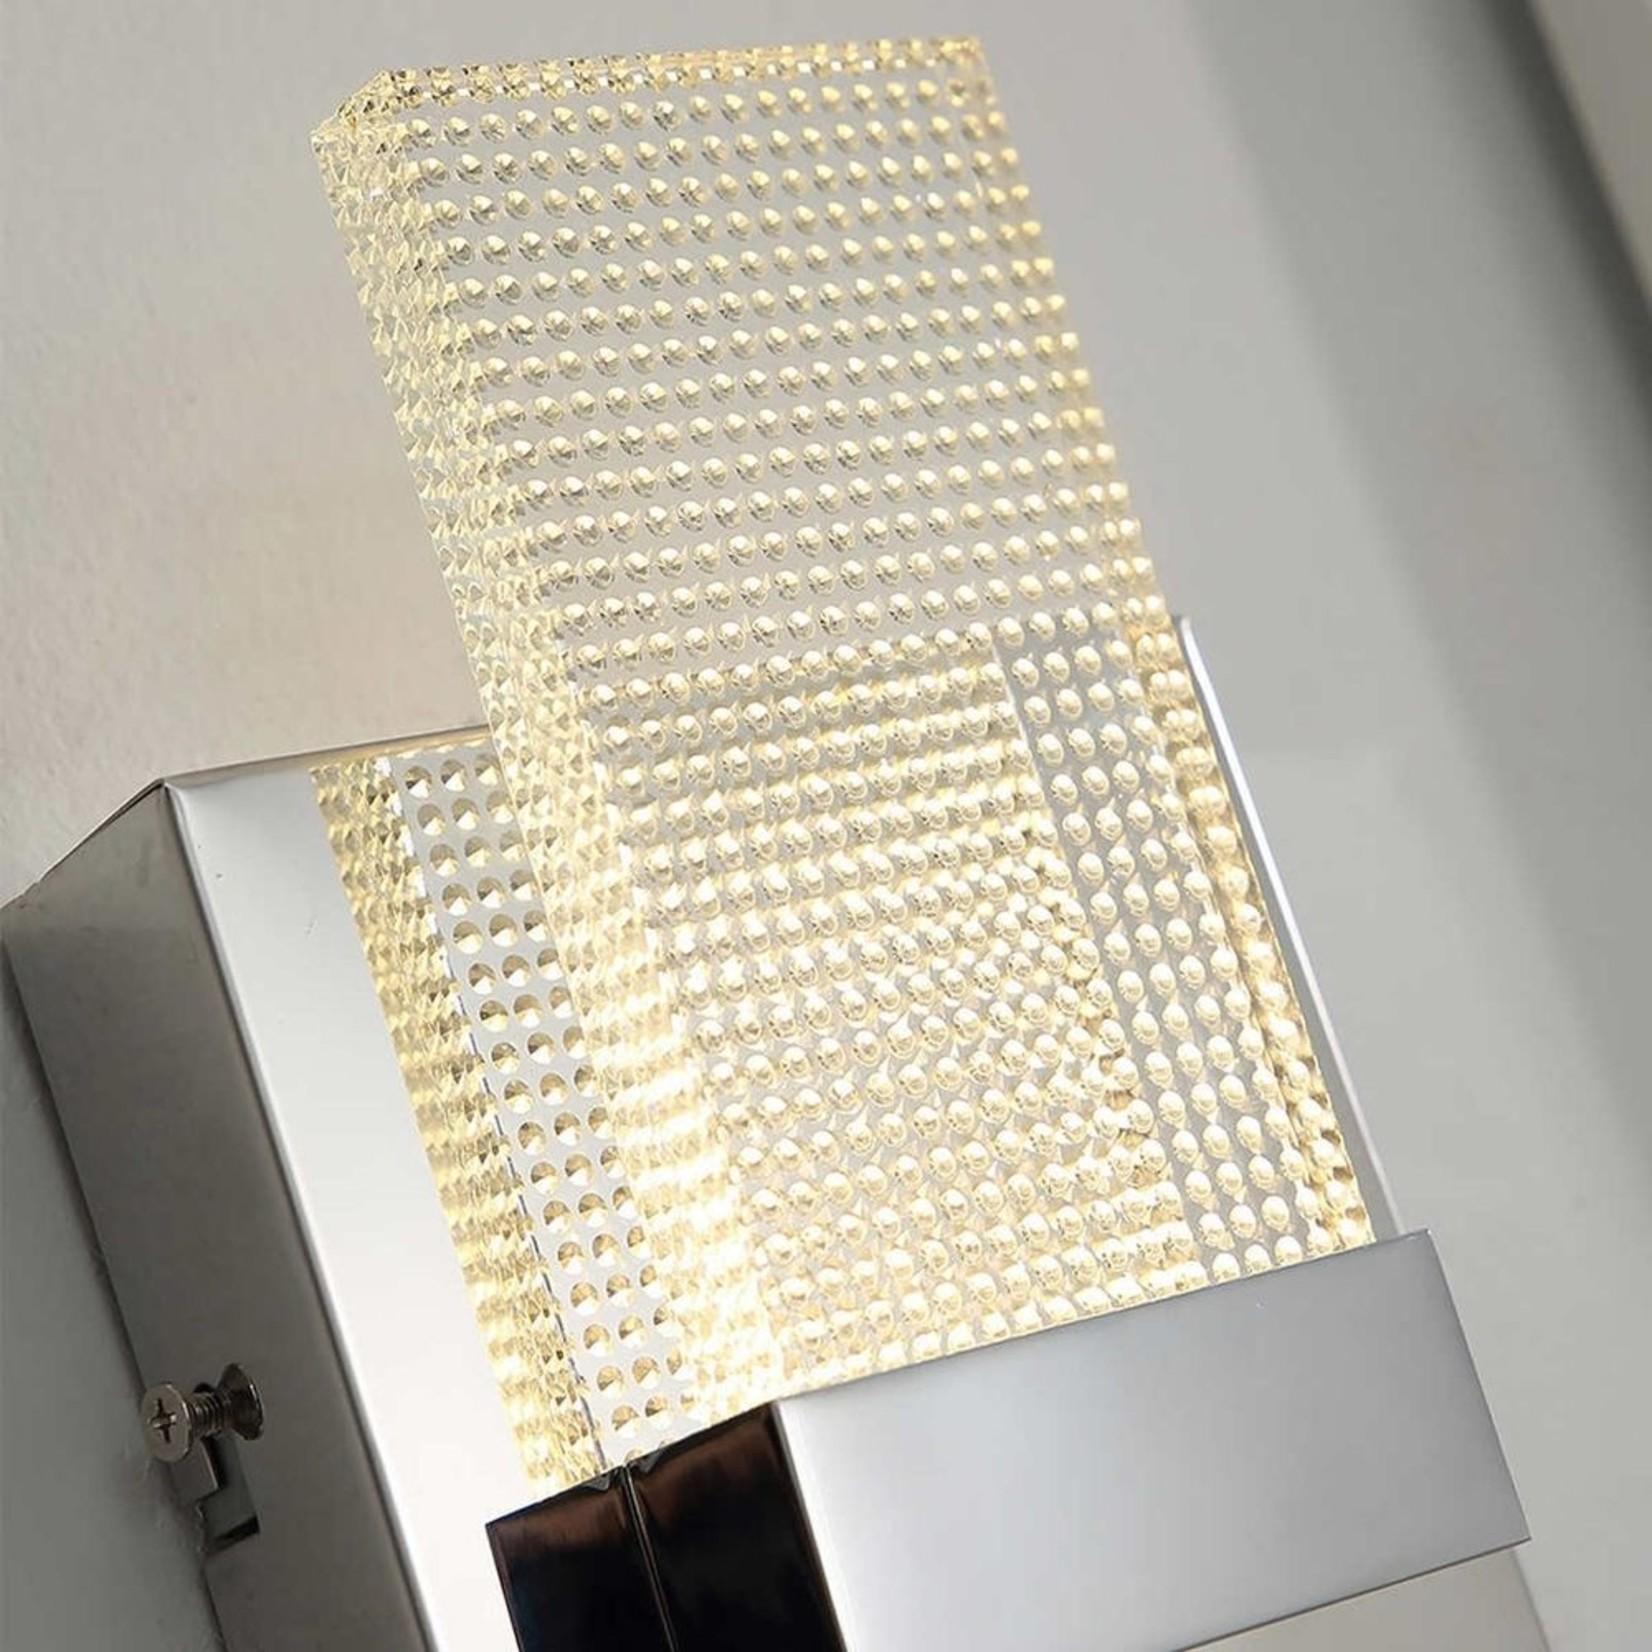 Luminaire Lico I